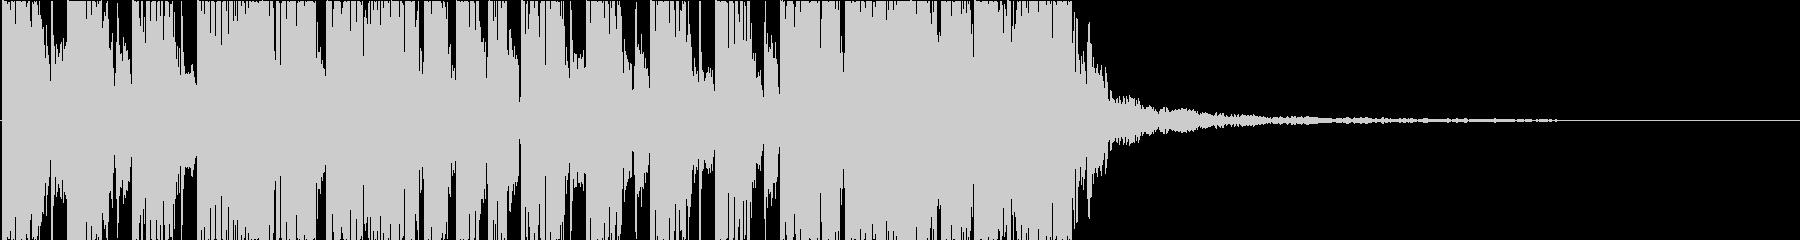 EDM オープニング キラキラ 8の未再生の波形